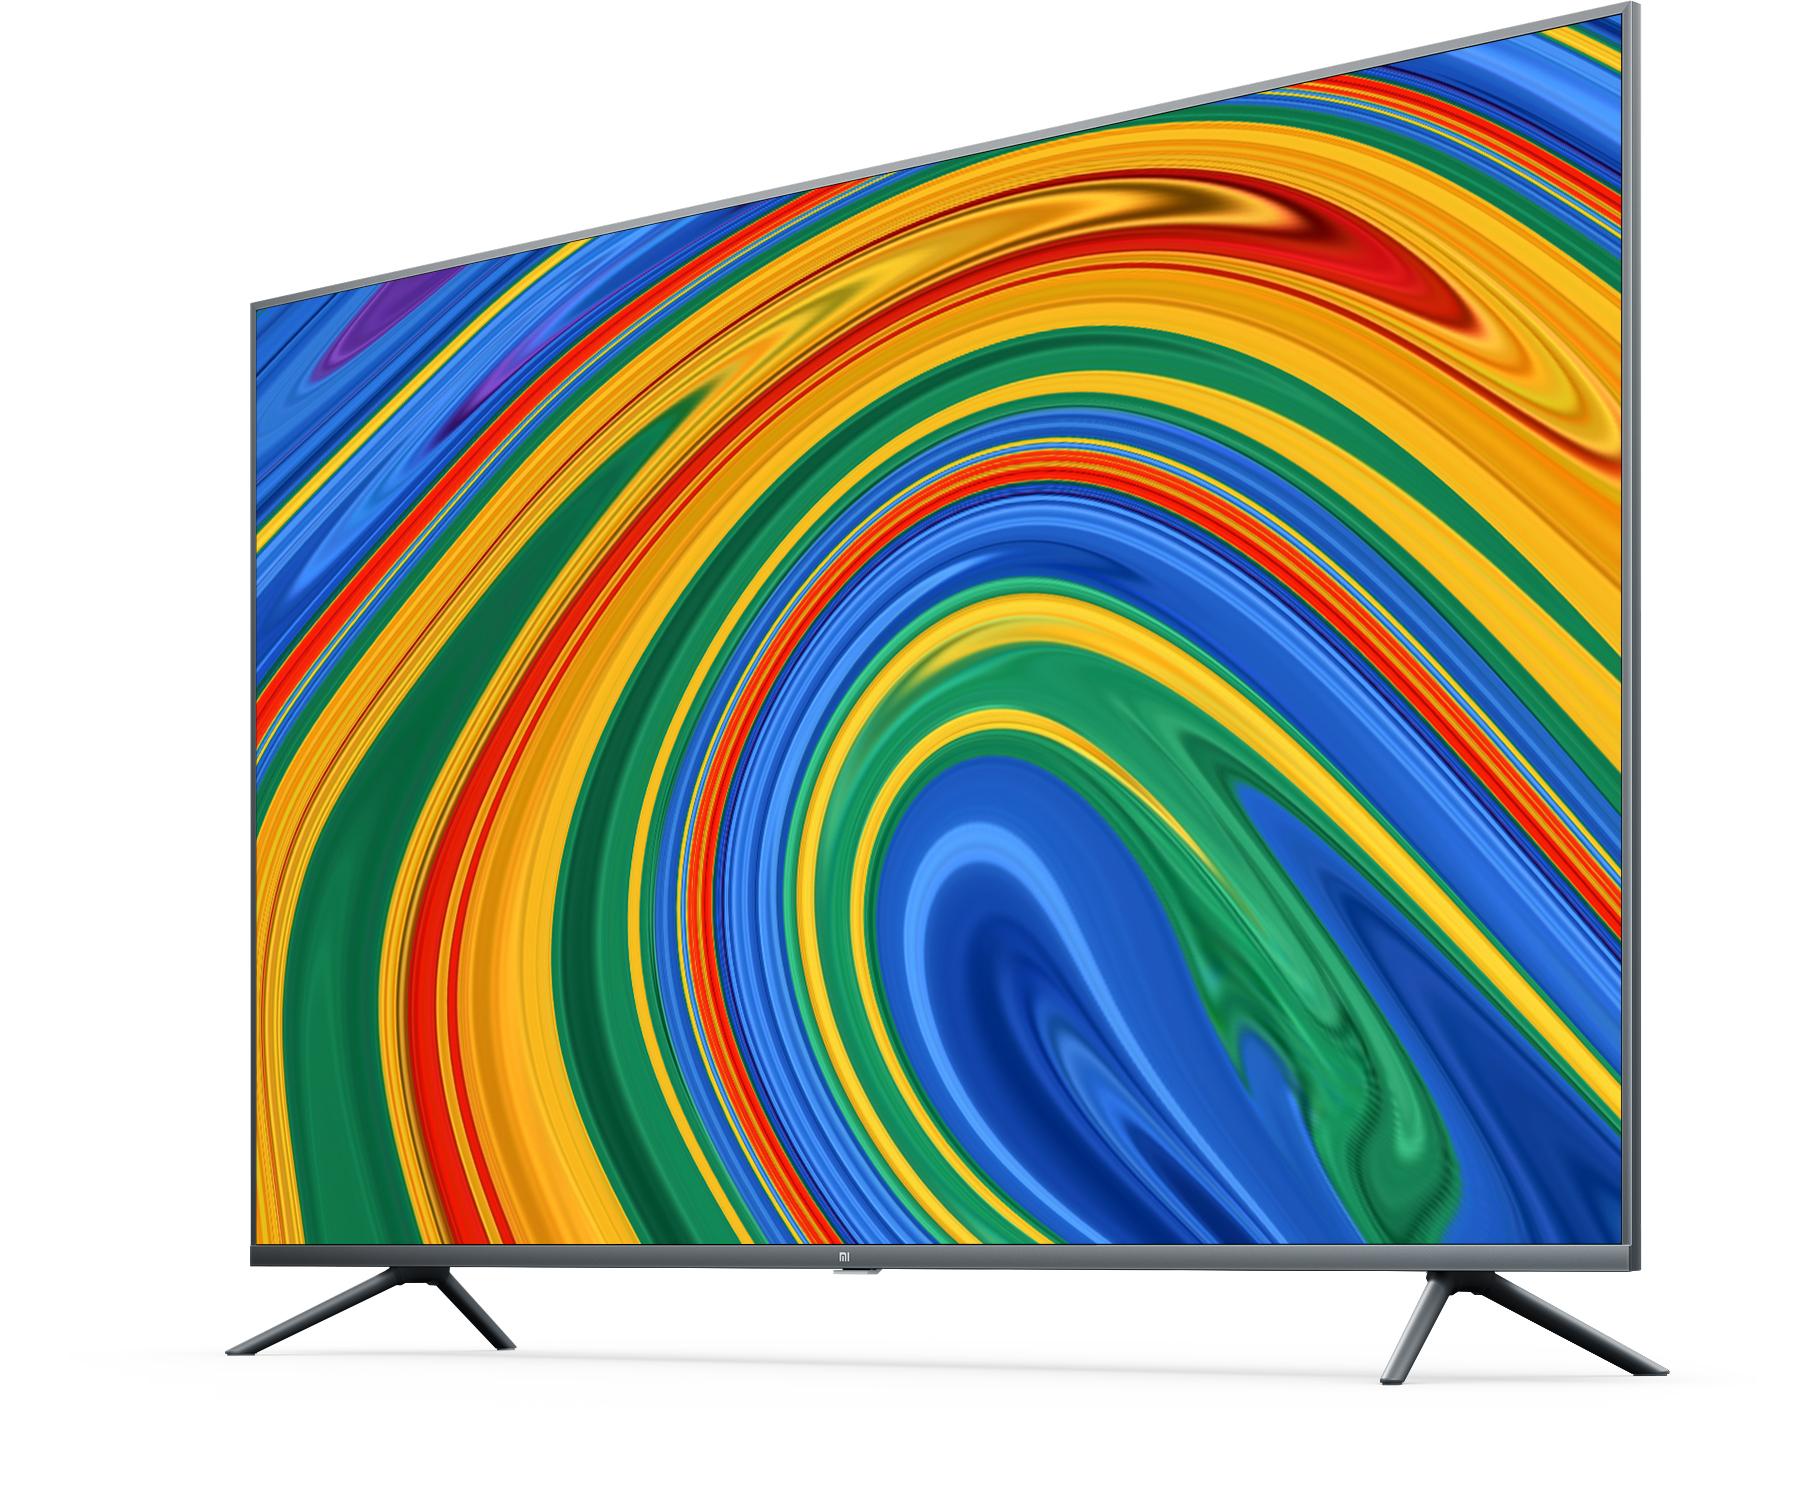 Jetzt endlich! :) - Xiaomi Mi Smart TV 4S 65 Zoll (4K Ultra HD, Triple Tuner, Android TV 9.0, BT-FB mit Mikrofon, Prime Video & Netflix)